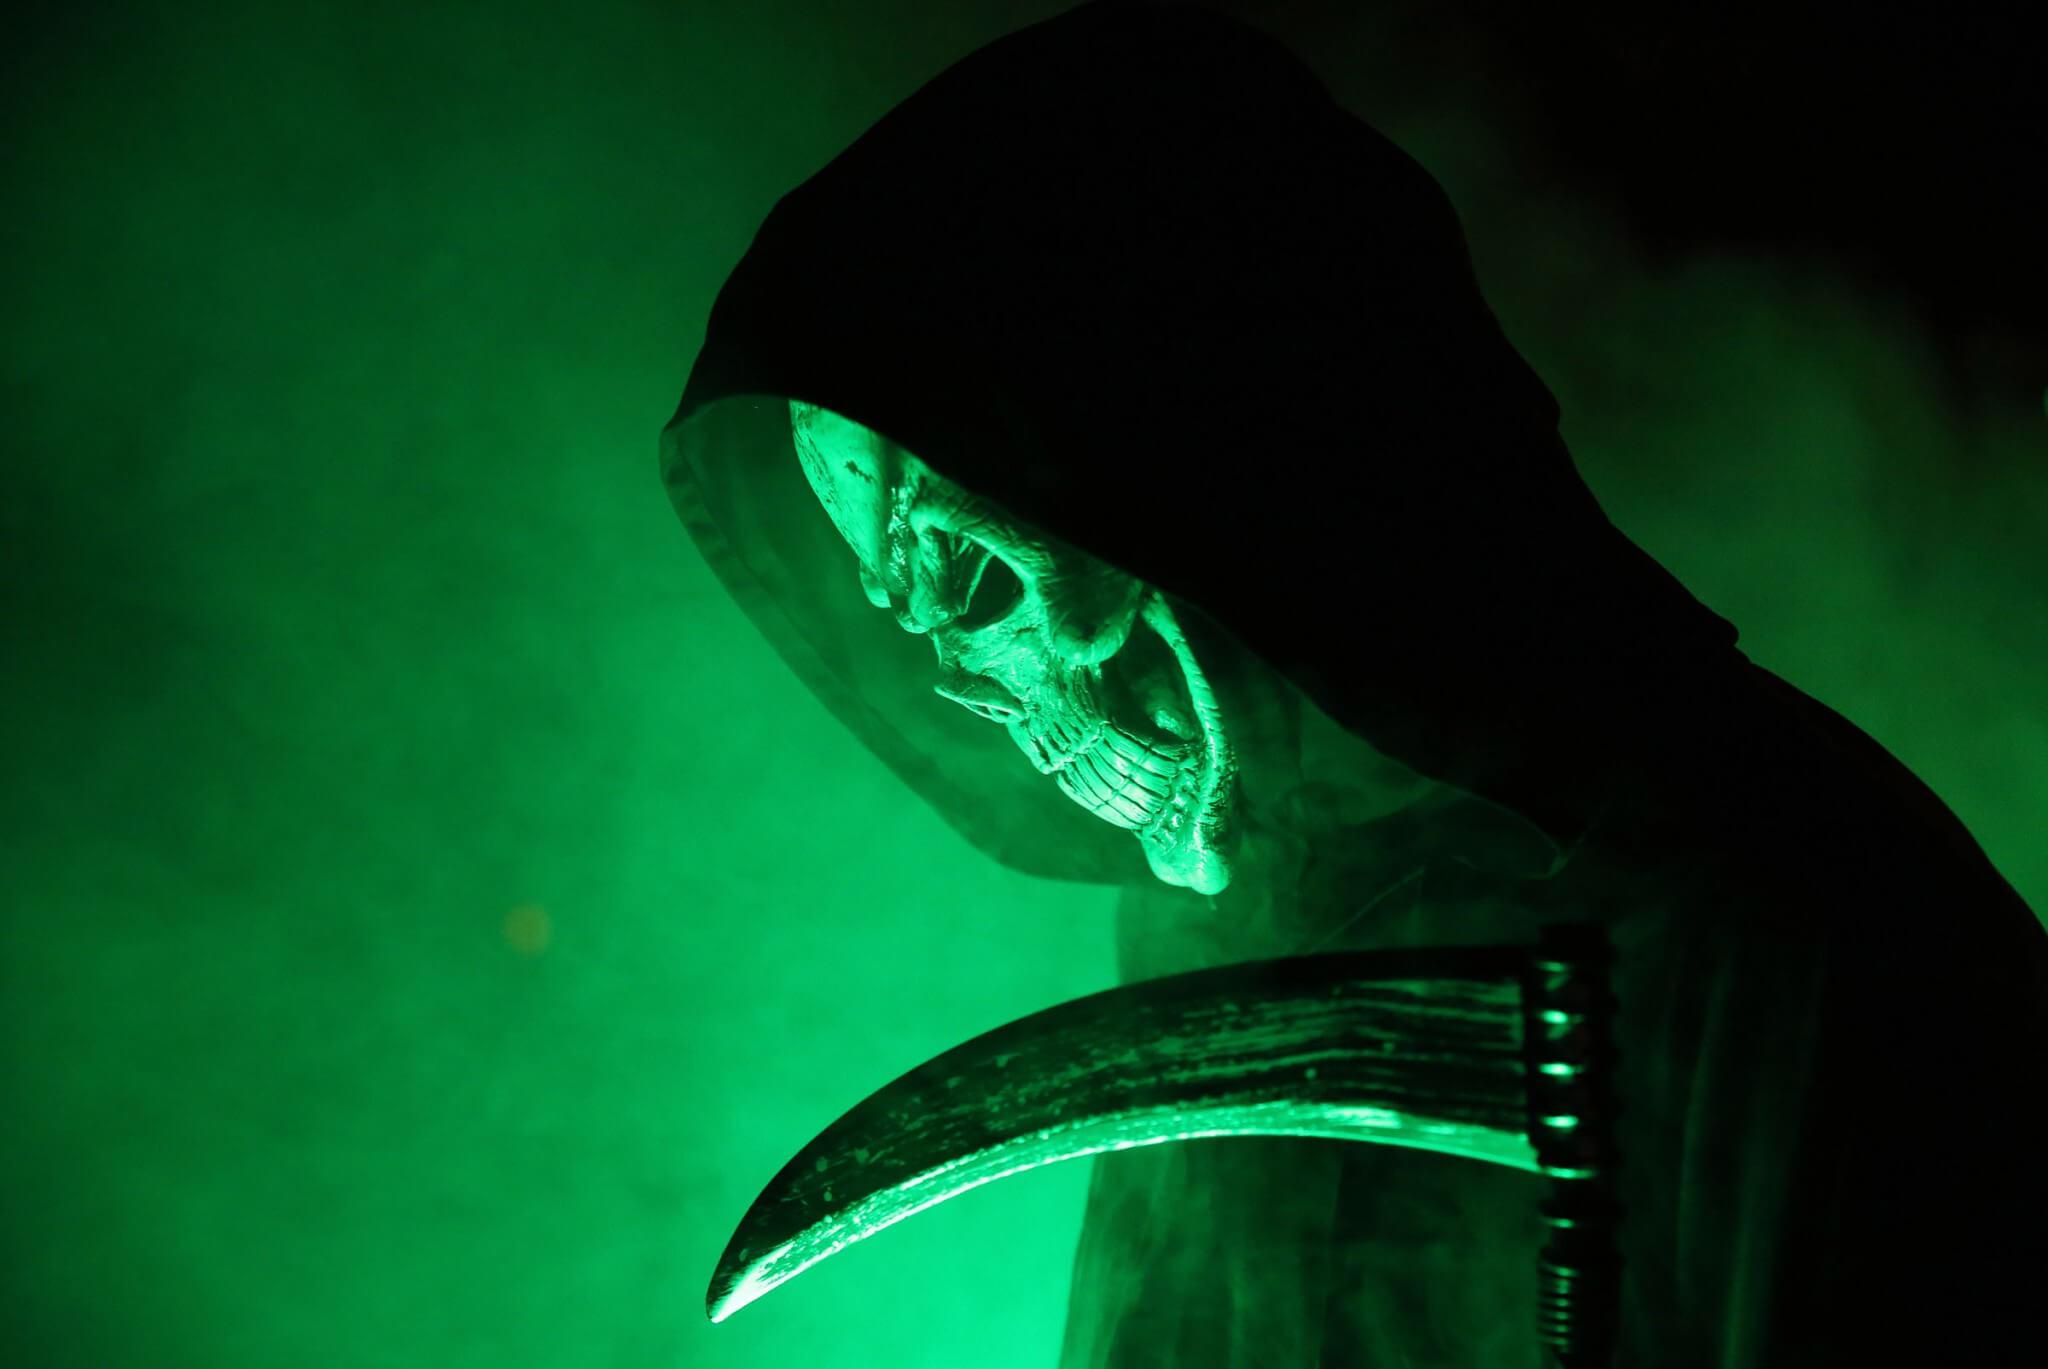 Halloweennacht Artikelbild 2